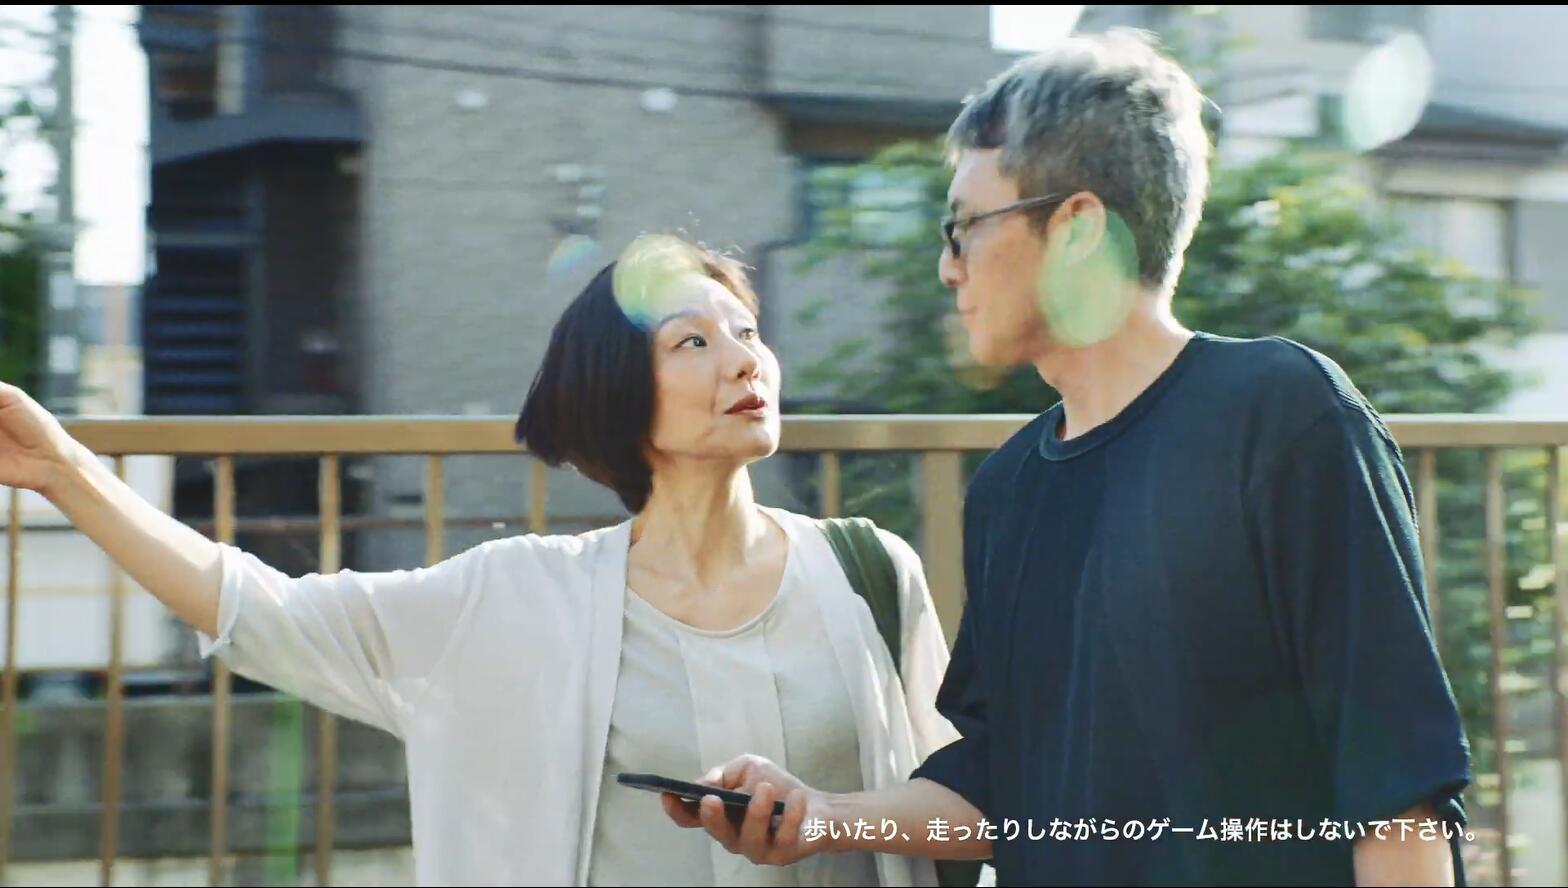 《宝可梦Go》全球下载量破10亿!斋藤飞鸟主演新宣传片